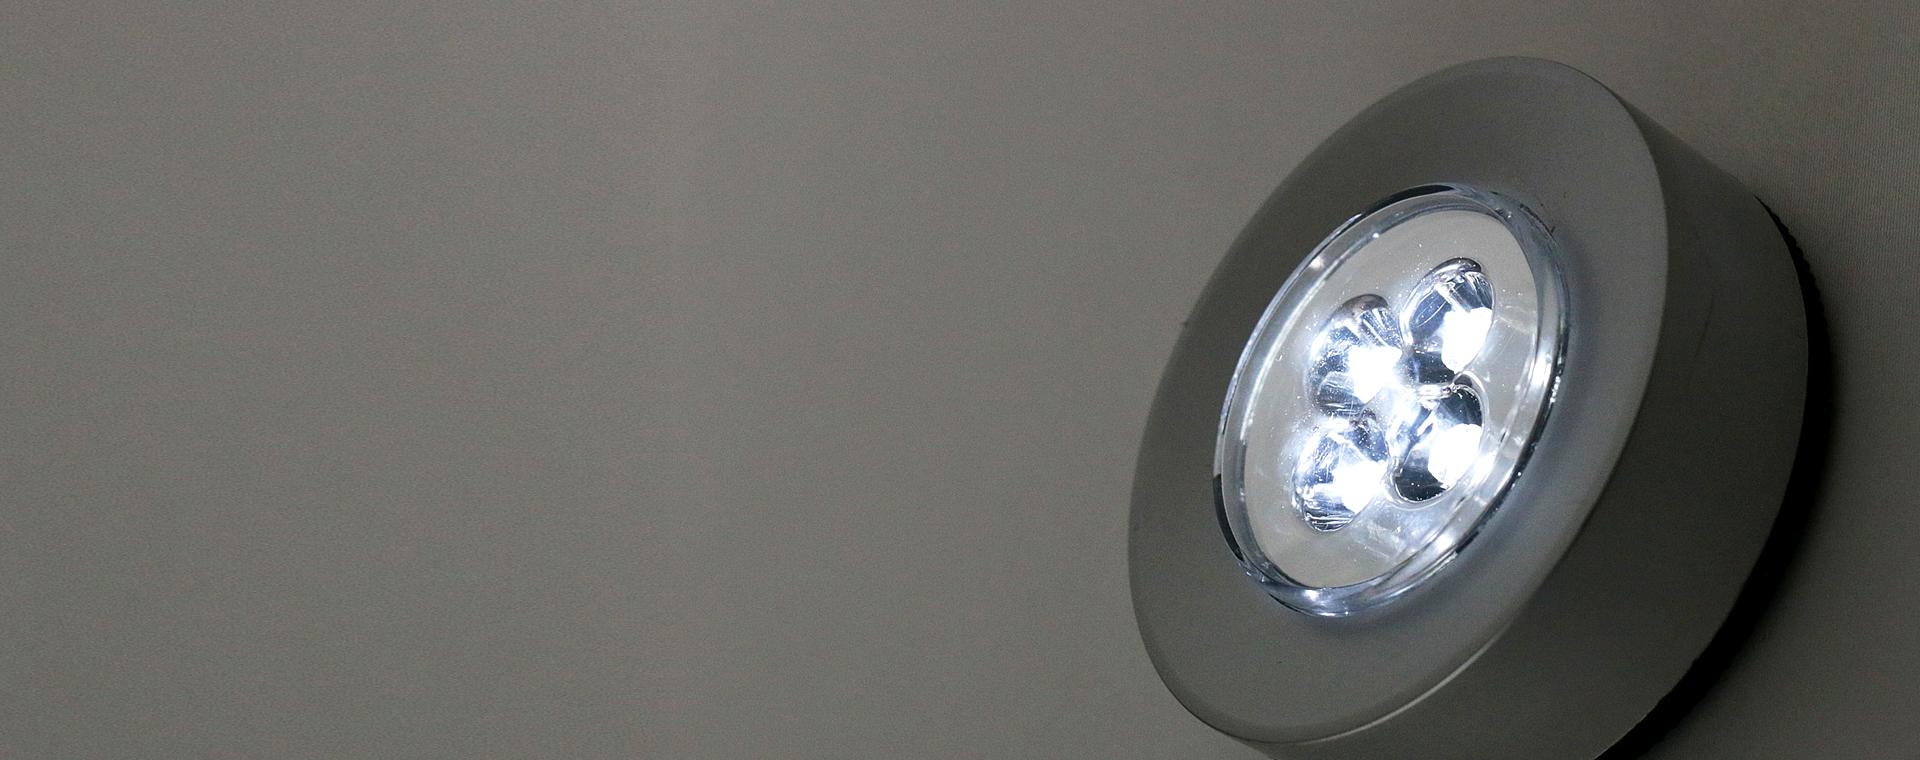 LED Beleuchtung EHMANN Rehau